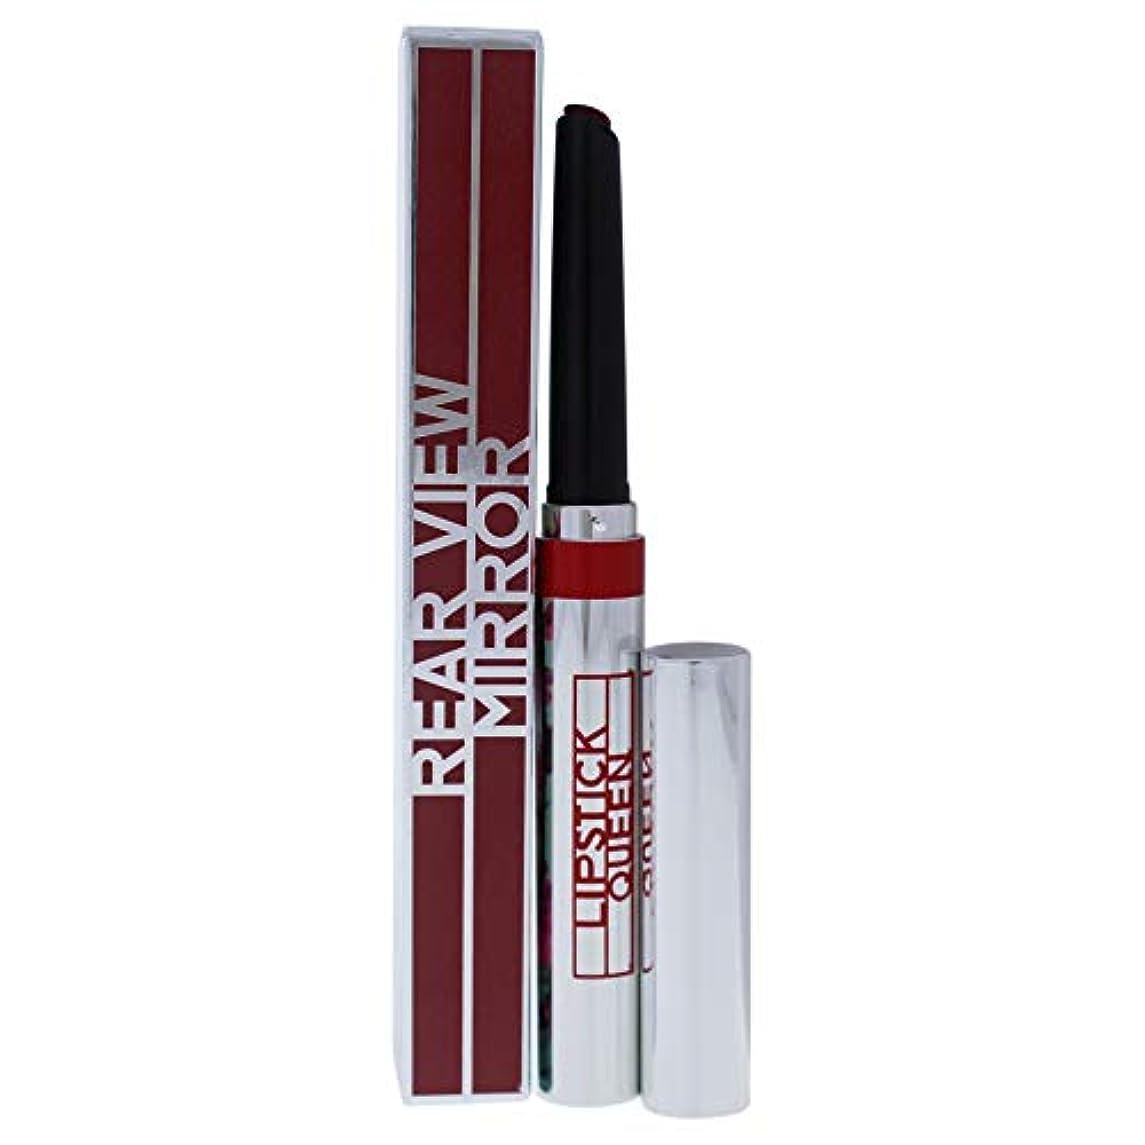 持つメロドラマ判定リップスティック クィーン Rear View Mirror Lip Lacquer - # Little Red Convertible (A Classic True Red) 1.3g/0.04oz並行輸入品